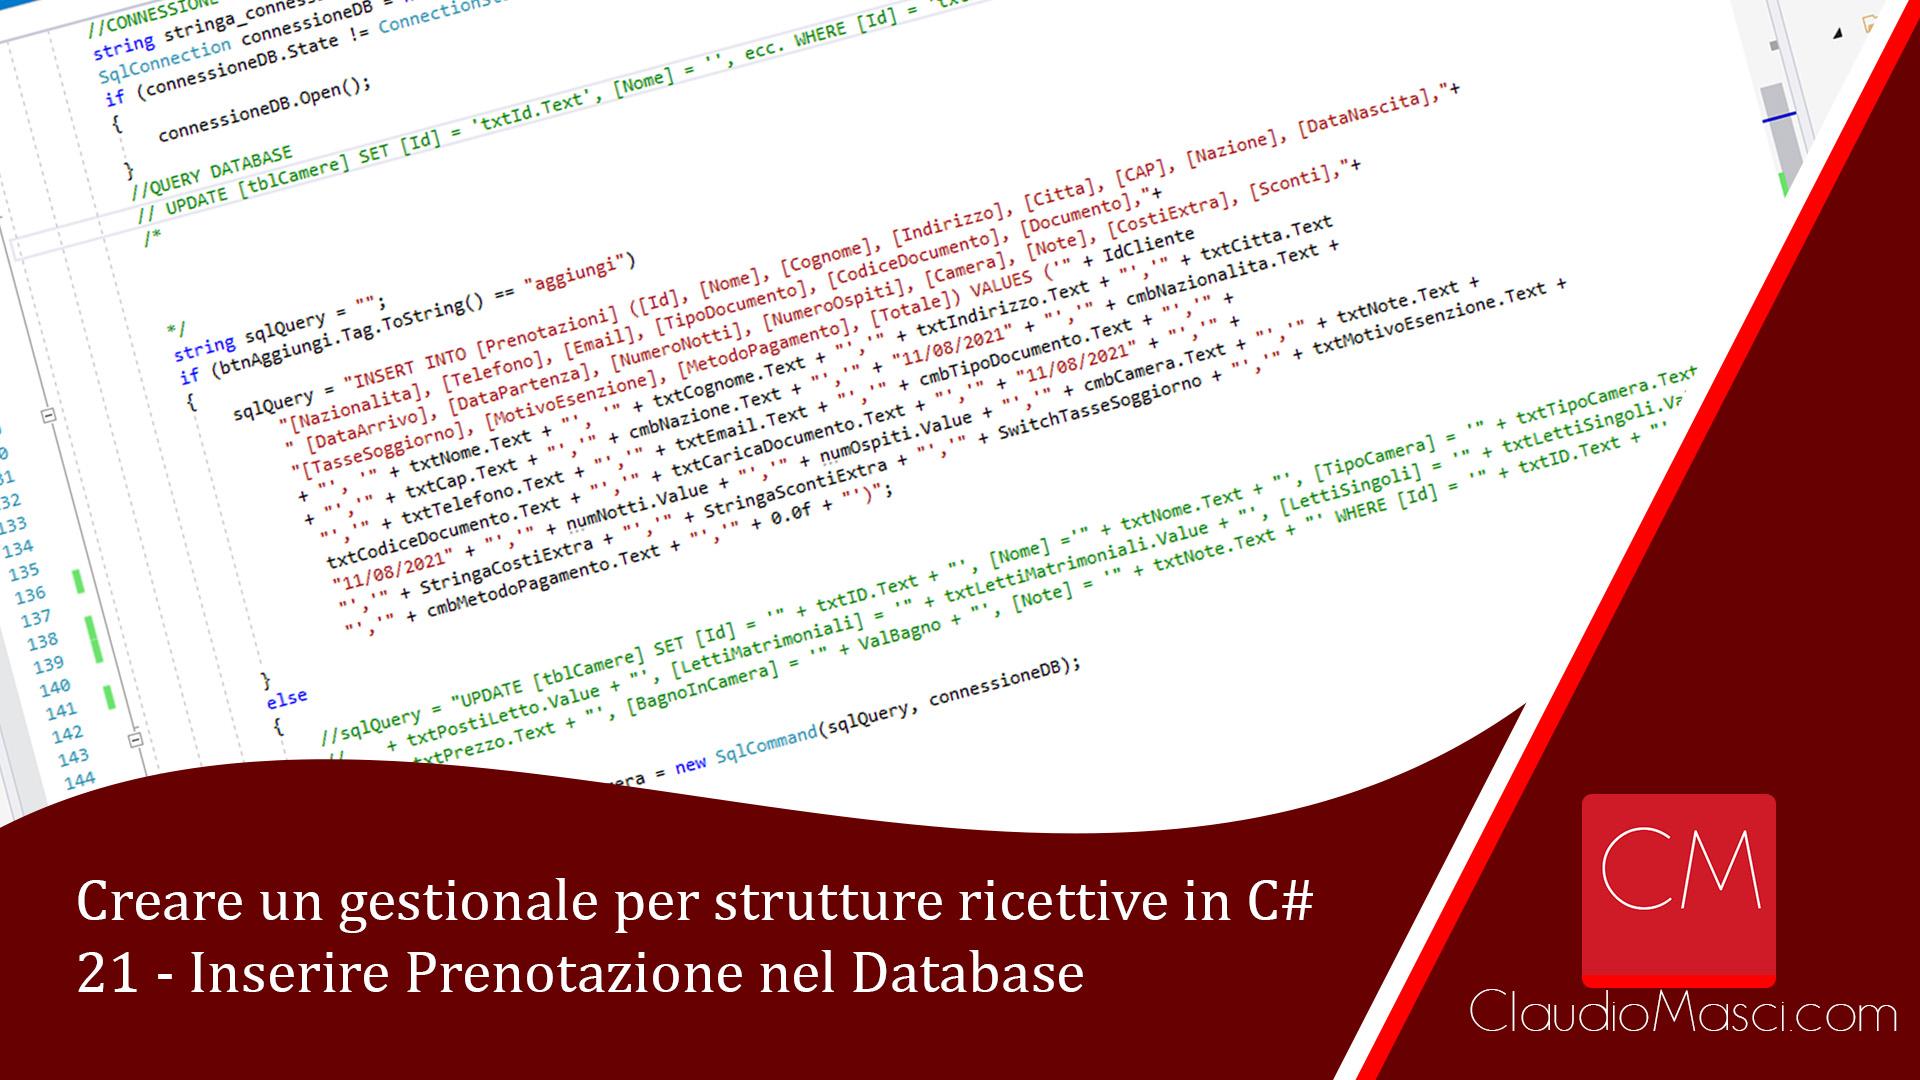 Creare un gestionale per strutture ricettive in C# – 21 – Inserire Prenotazione nel Database